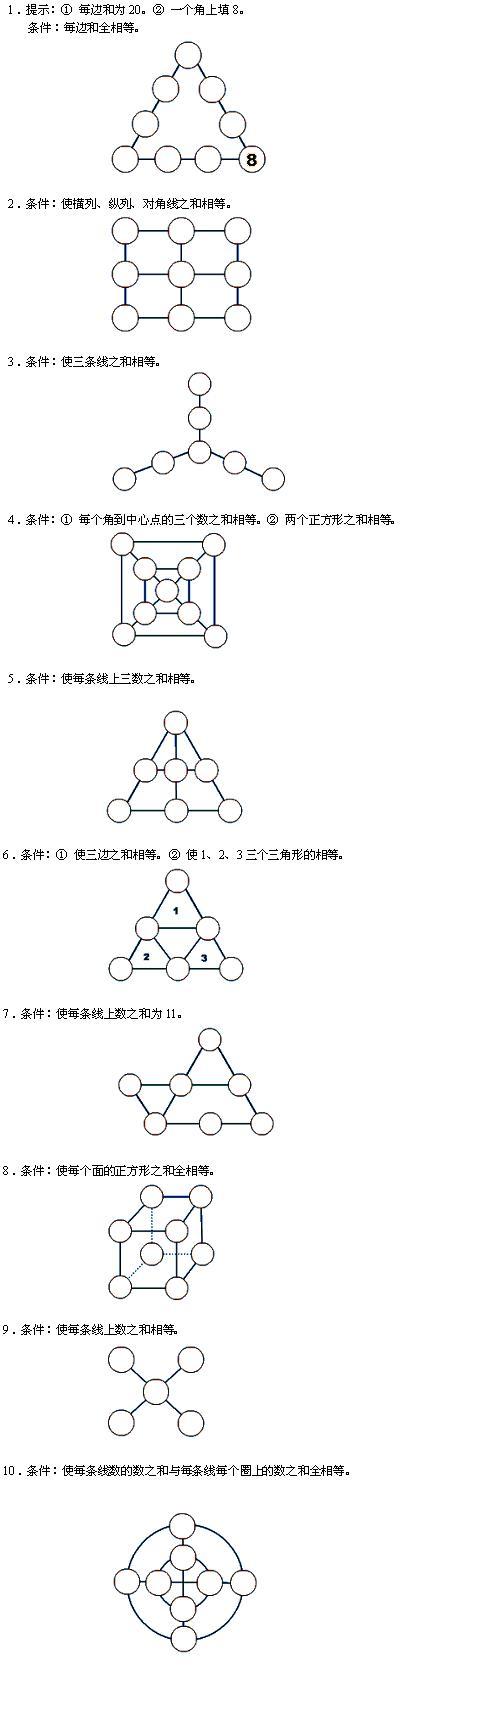 一道小学数学奥数题_小学奥数题——数阵图_速算与巧算_奥数网